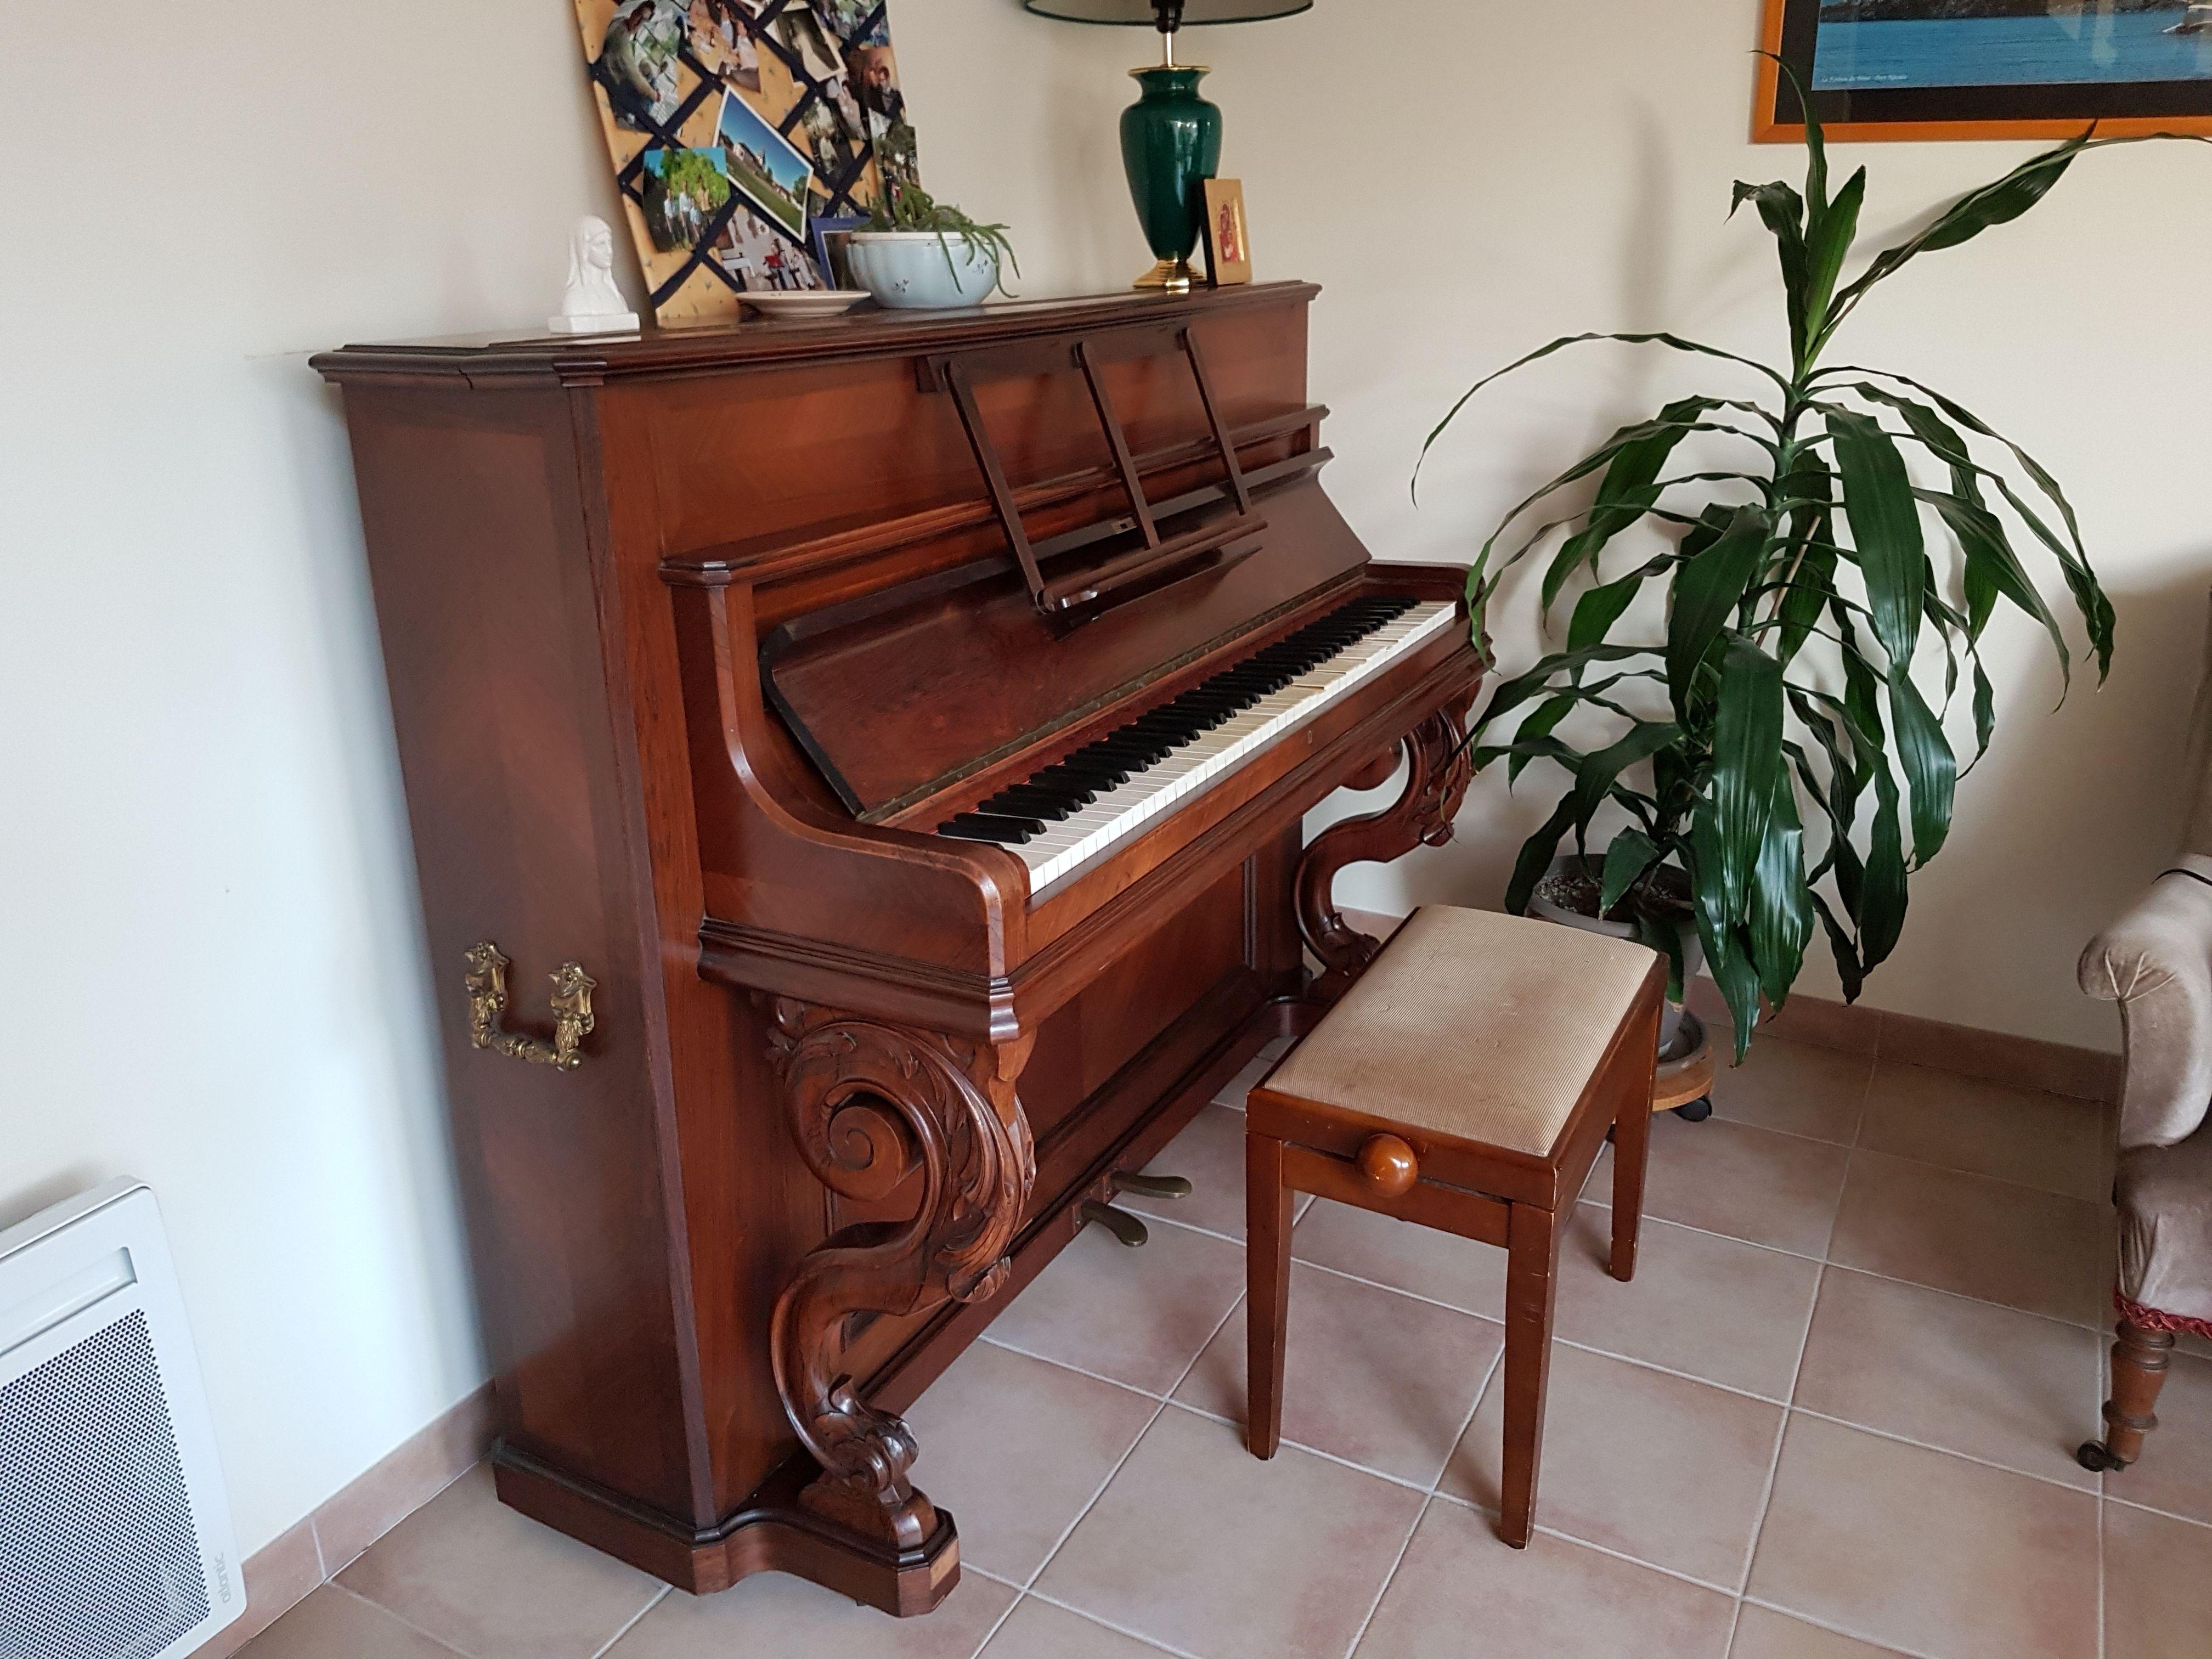 Donne piano ancien cadre bois, à restaurer